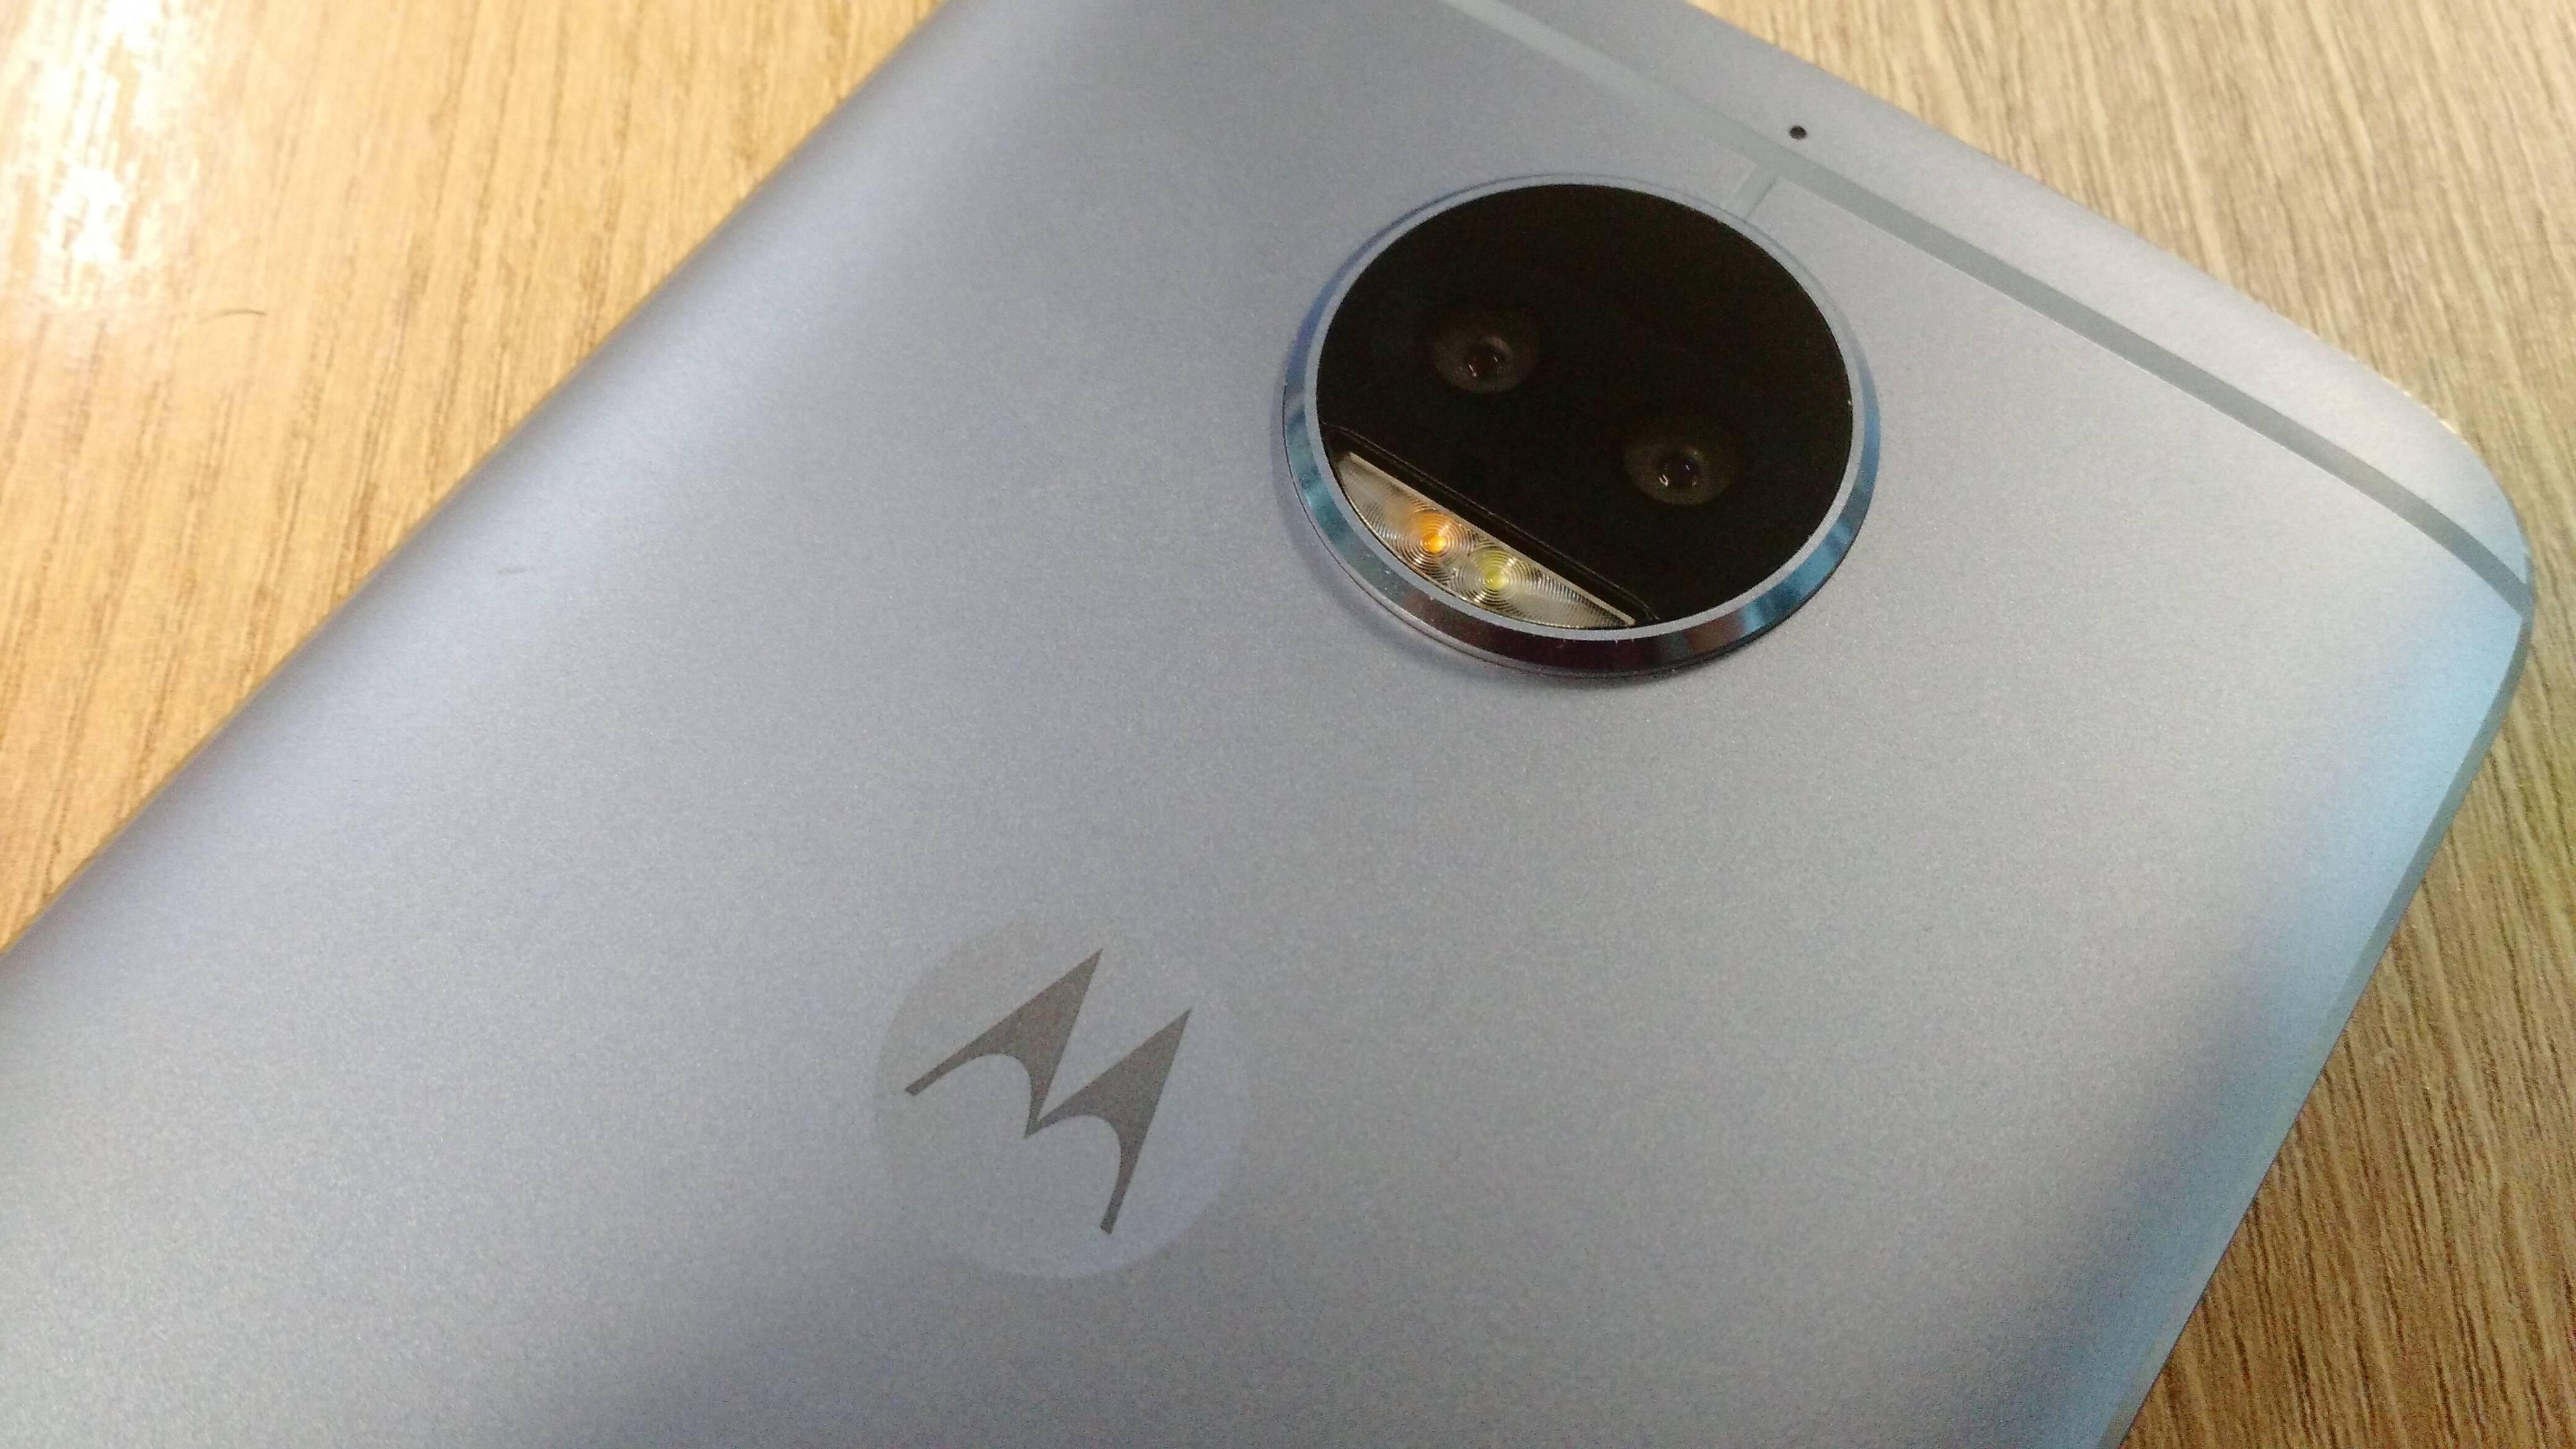 Câmera traseira dupla do Moto G5S Plus tem 13 megapixels com flash dual led. Foto: Victor Hugo Silva/Brasil Econômico